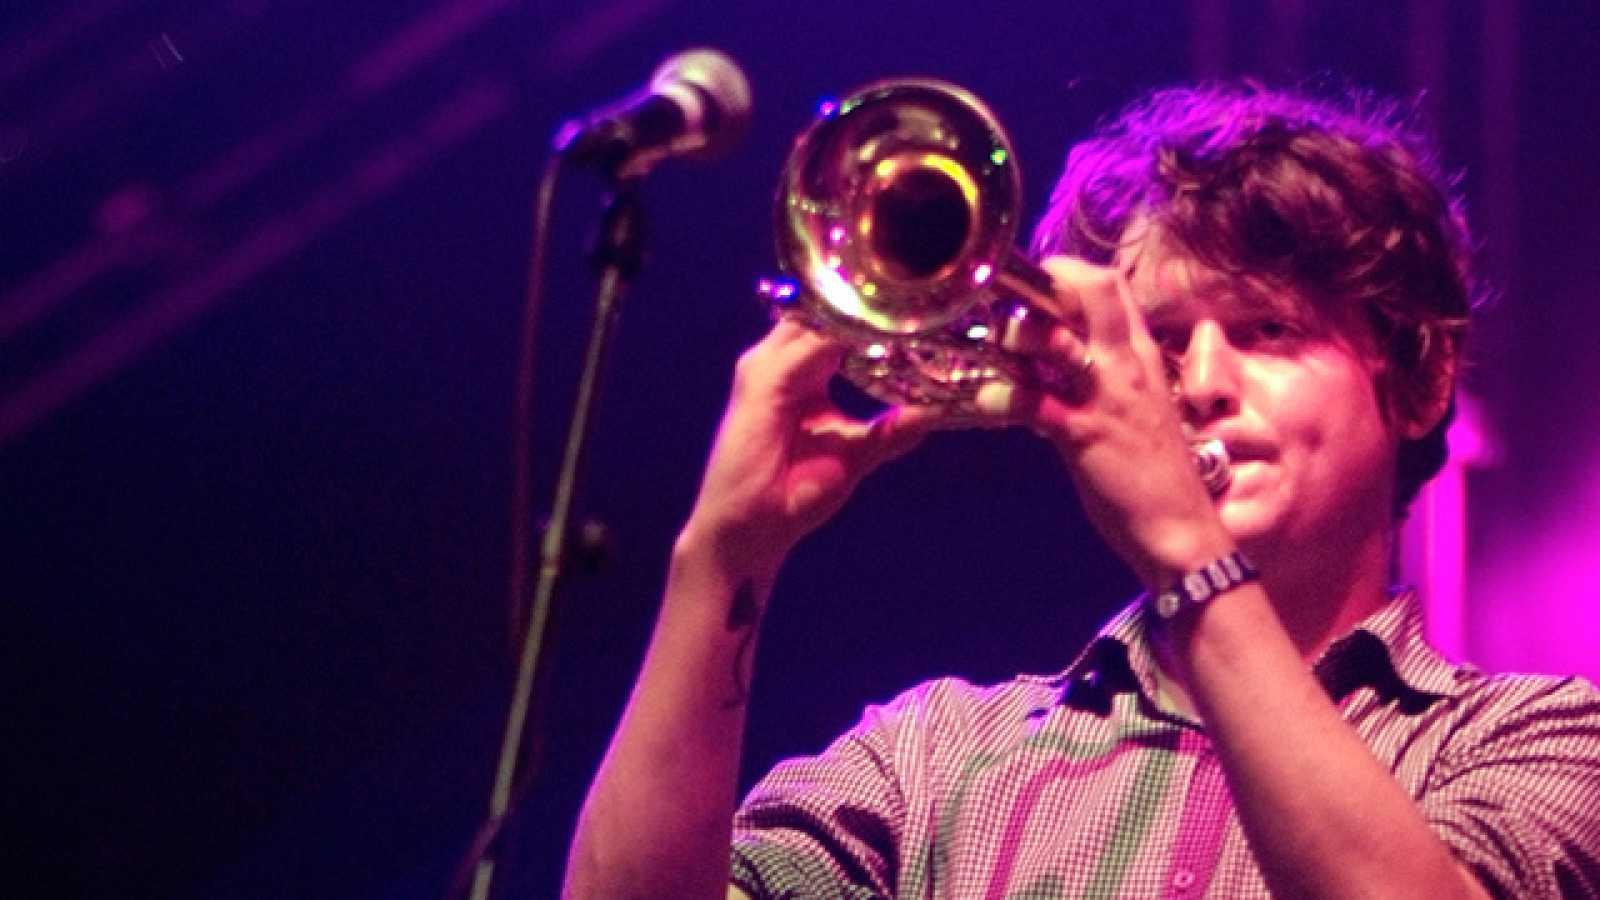 El grupo estadounidense ofreció un impresionante concierto en la jornada del sábado en el Festival de Benicassim. Trompetas, acordeones y las melodías envolventes salidas de la cabeza de Zach Condon dieron vida a una actuación memorable (16/07/11).